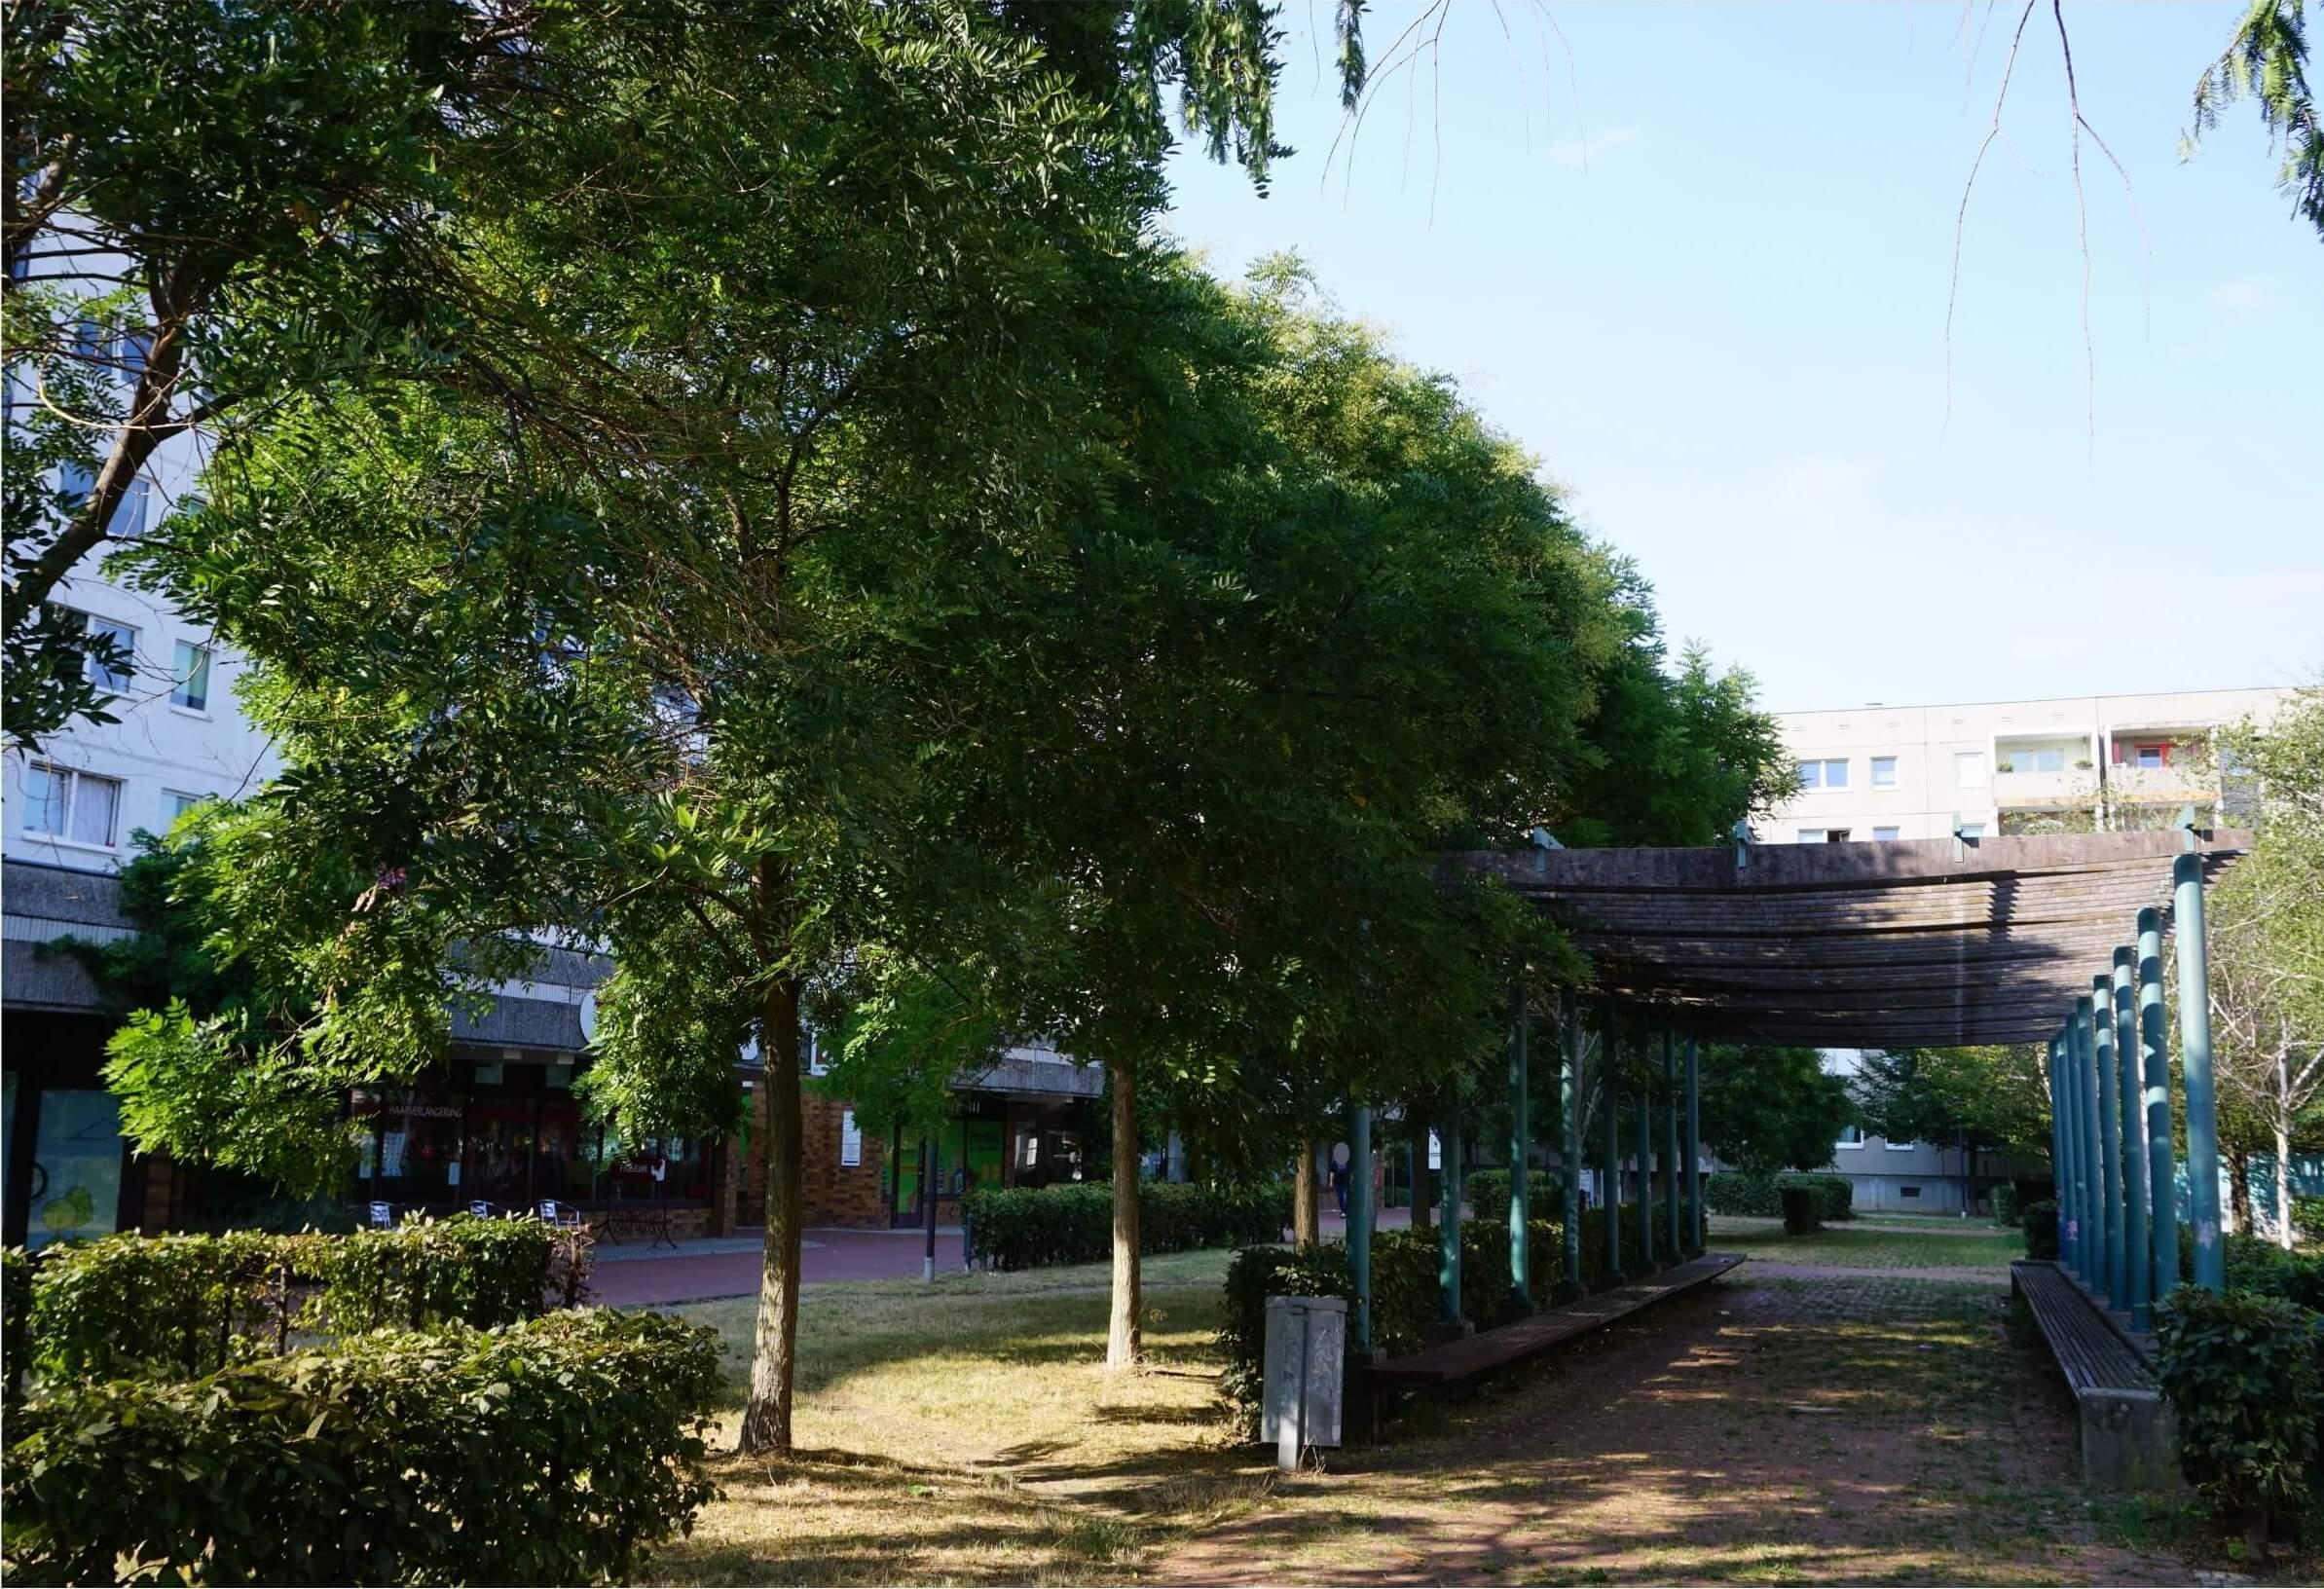 Das Bild zeigt in Reihe gepflanzte Schnurbäume in der zentralen Ladenzeile des Kosmosviertels. Sie sind Bestandteil des Grünzuges und hier von einer Pergola flankiert.